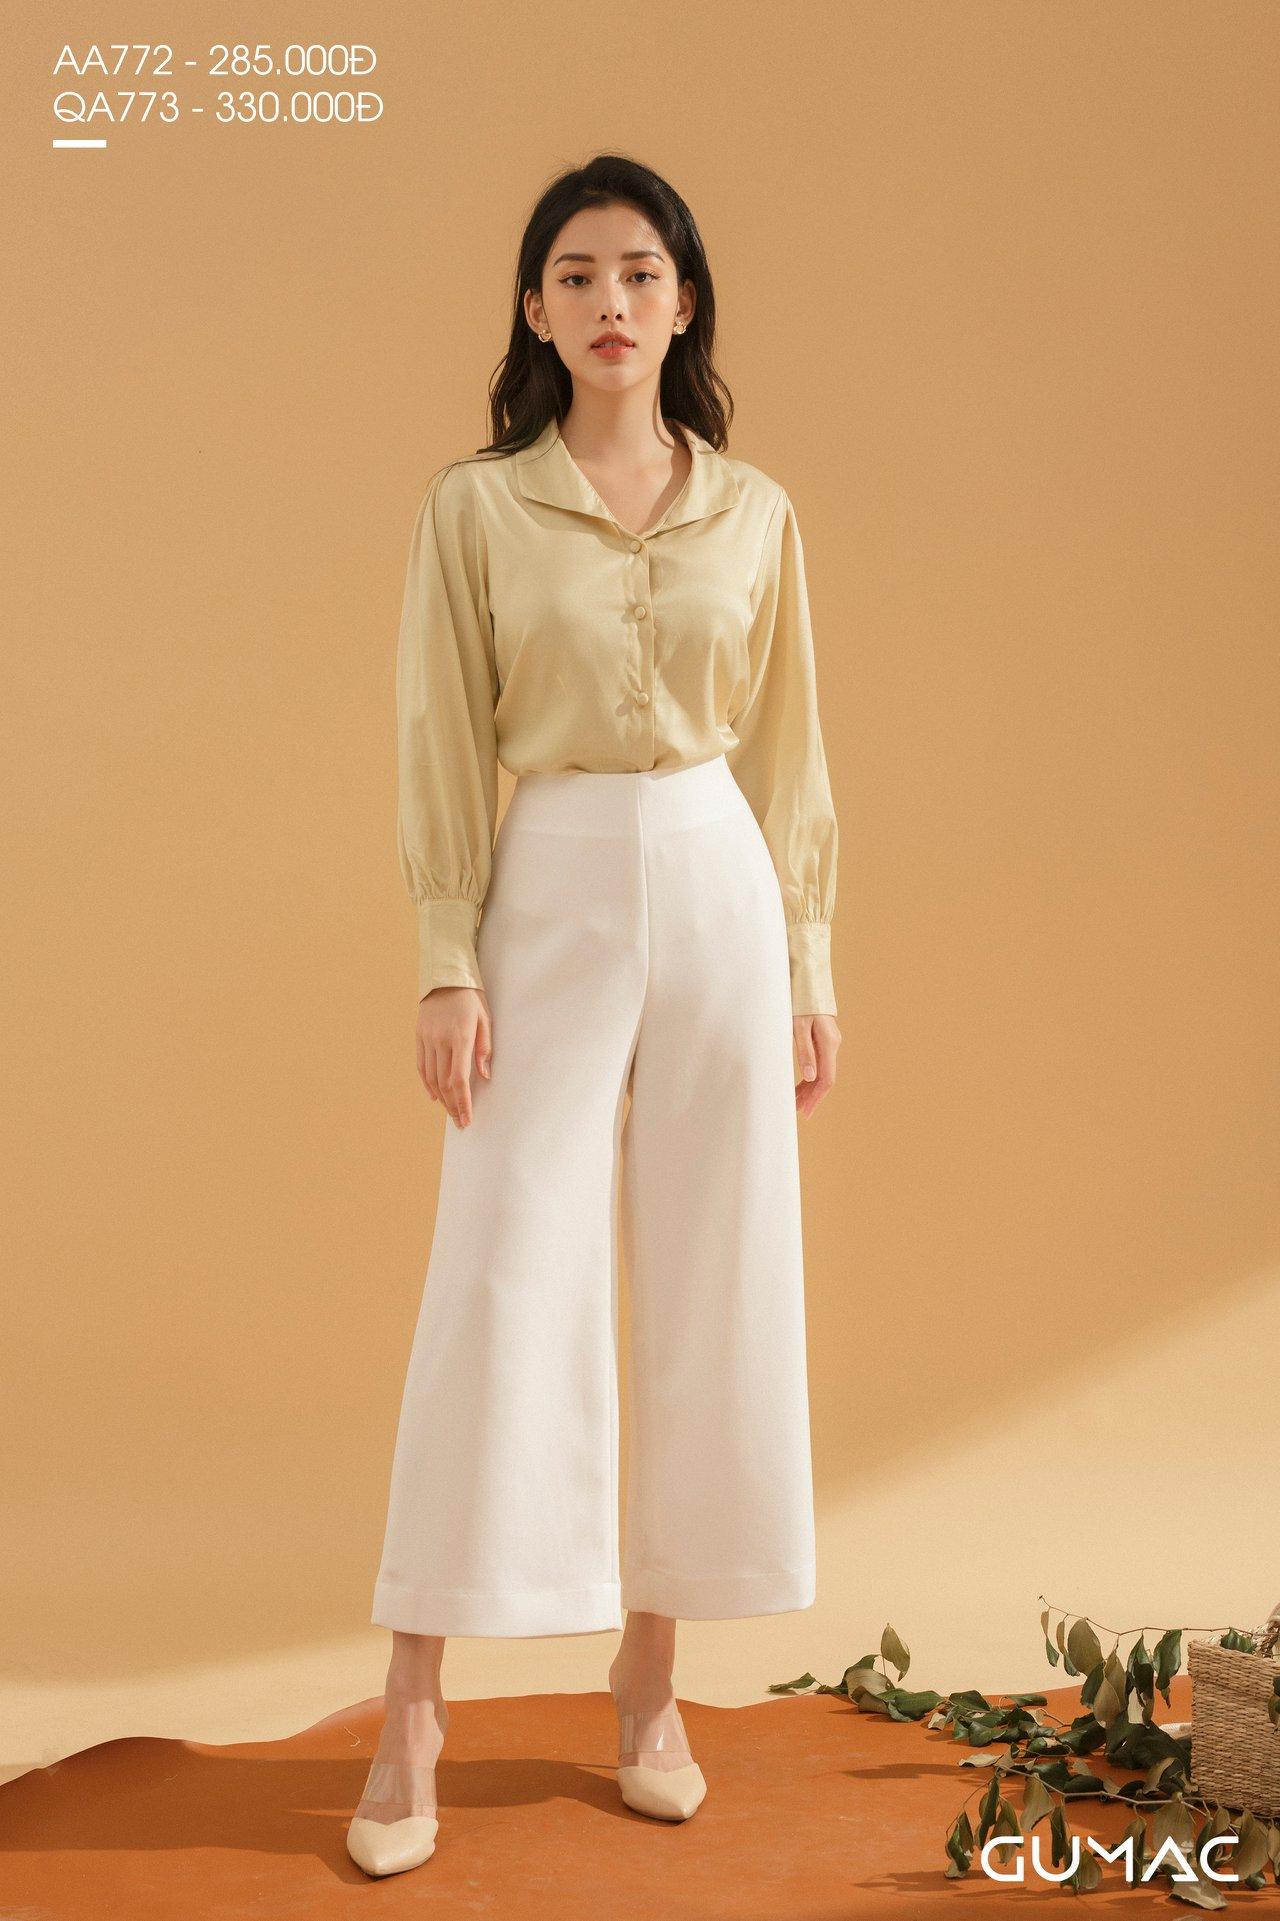 Top 5 shop thời trang công sở nữ giá tốt, mẫu đẹp nhất Hà Nội